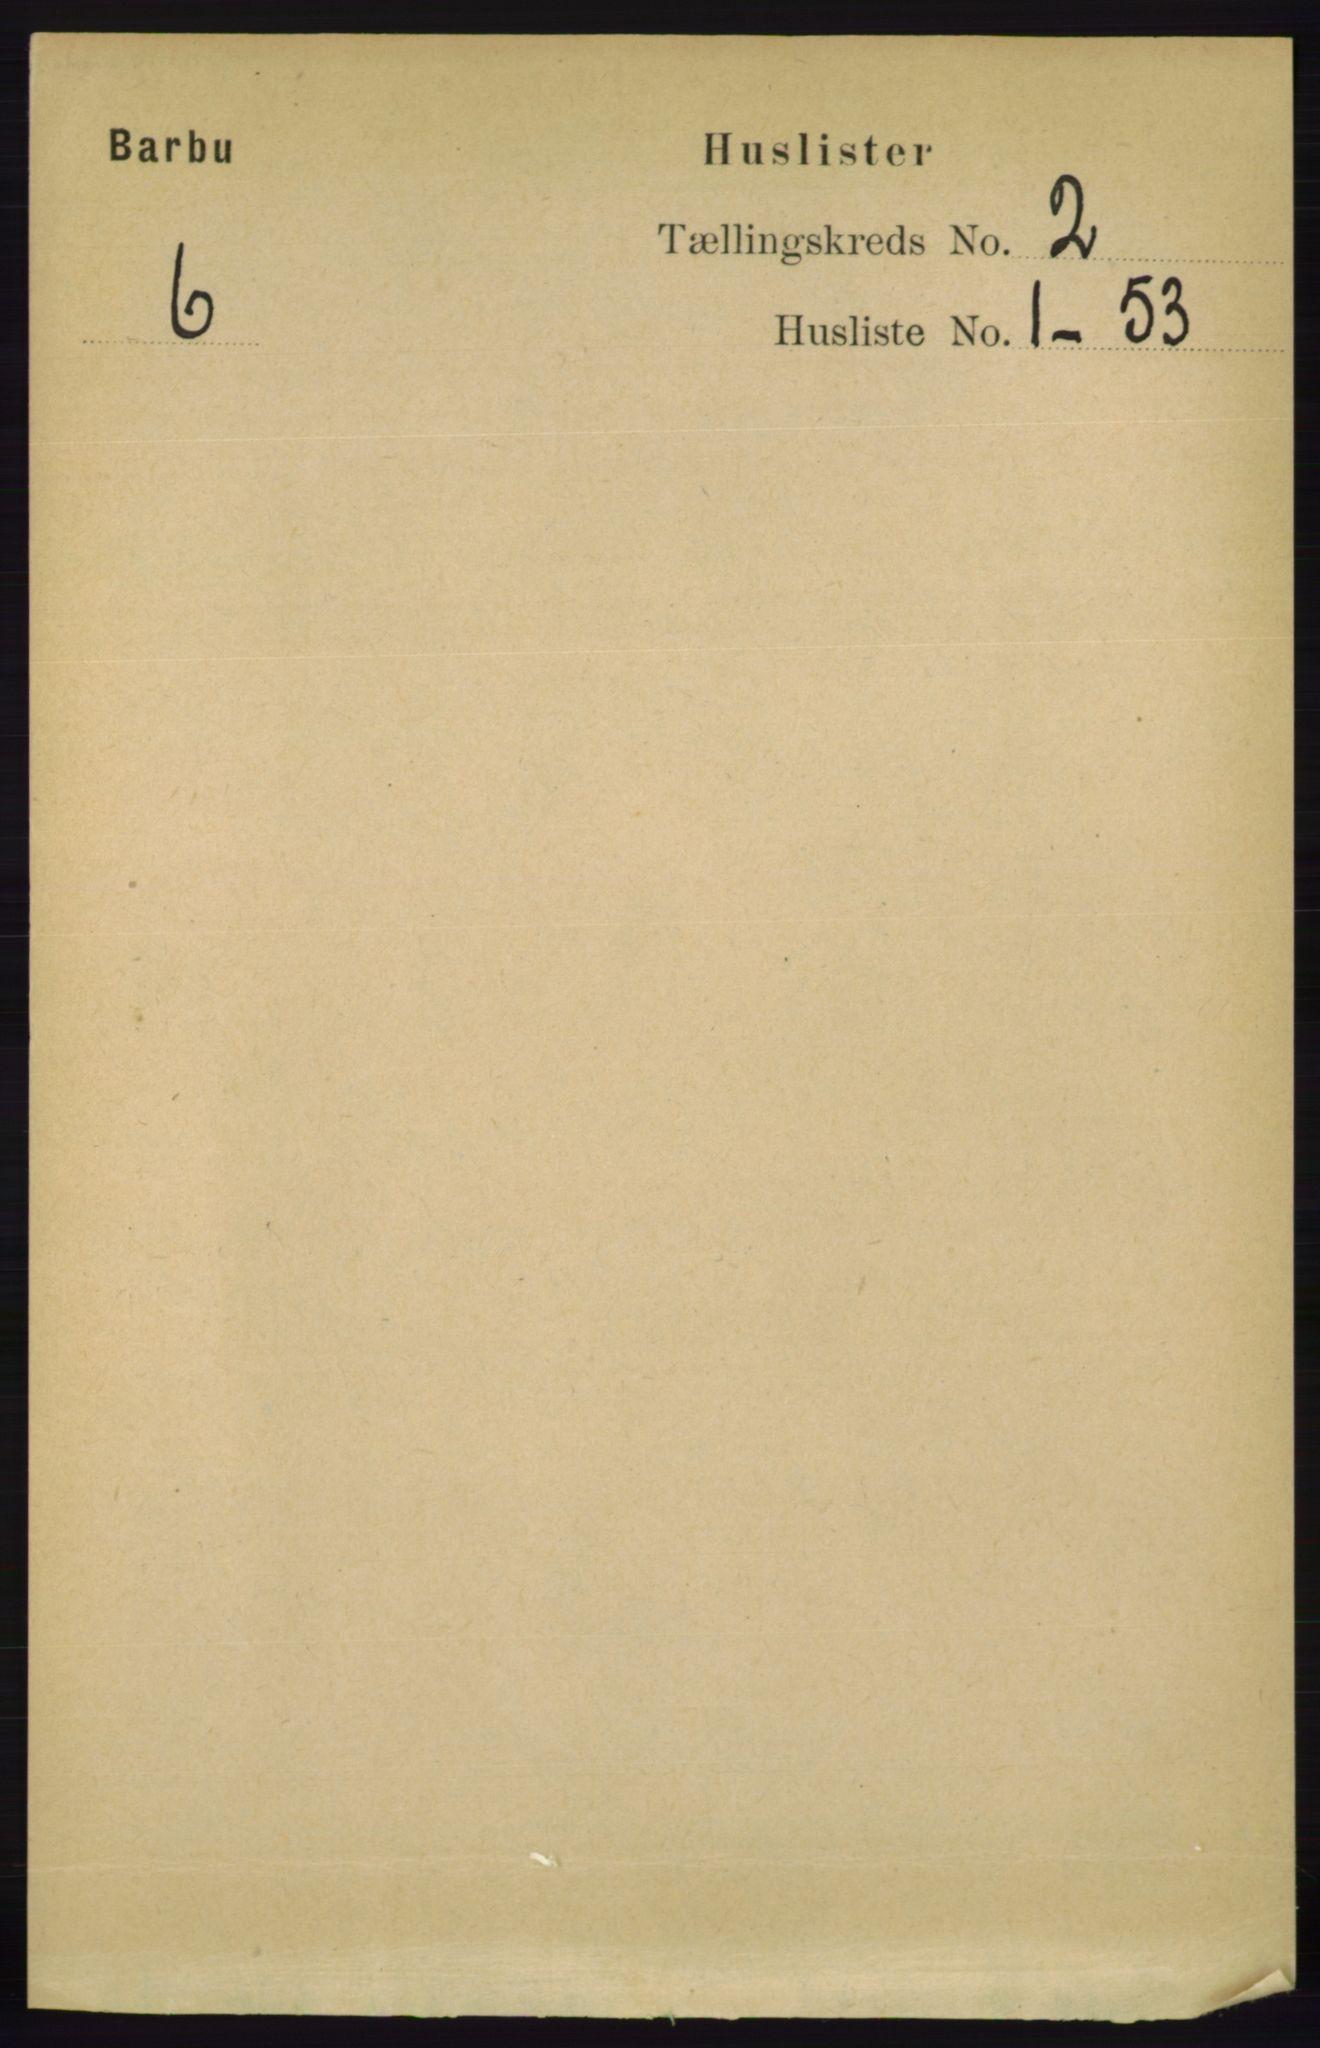 RA, Folketelling 1891 for 0990 Barbu herred, 1891, s. 842